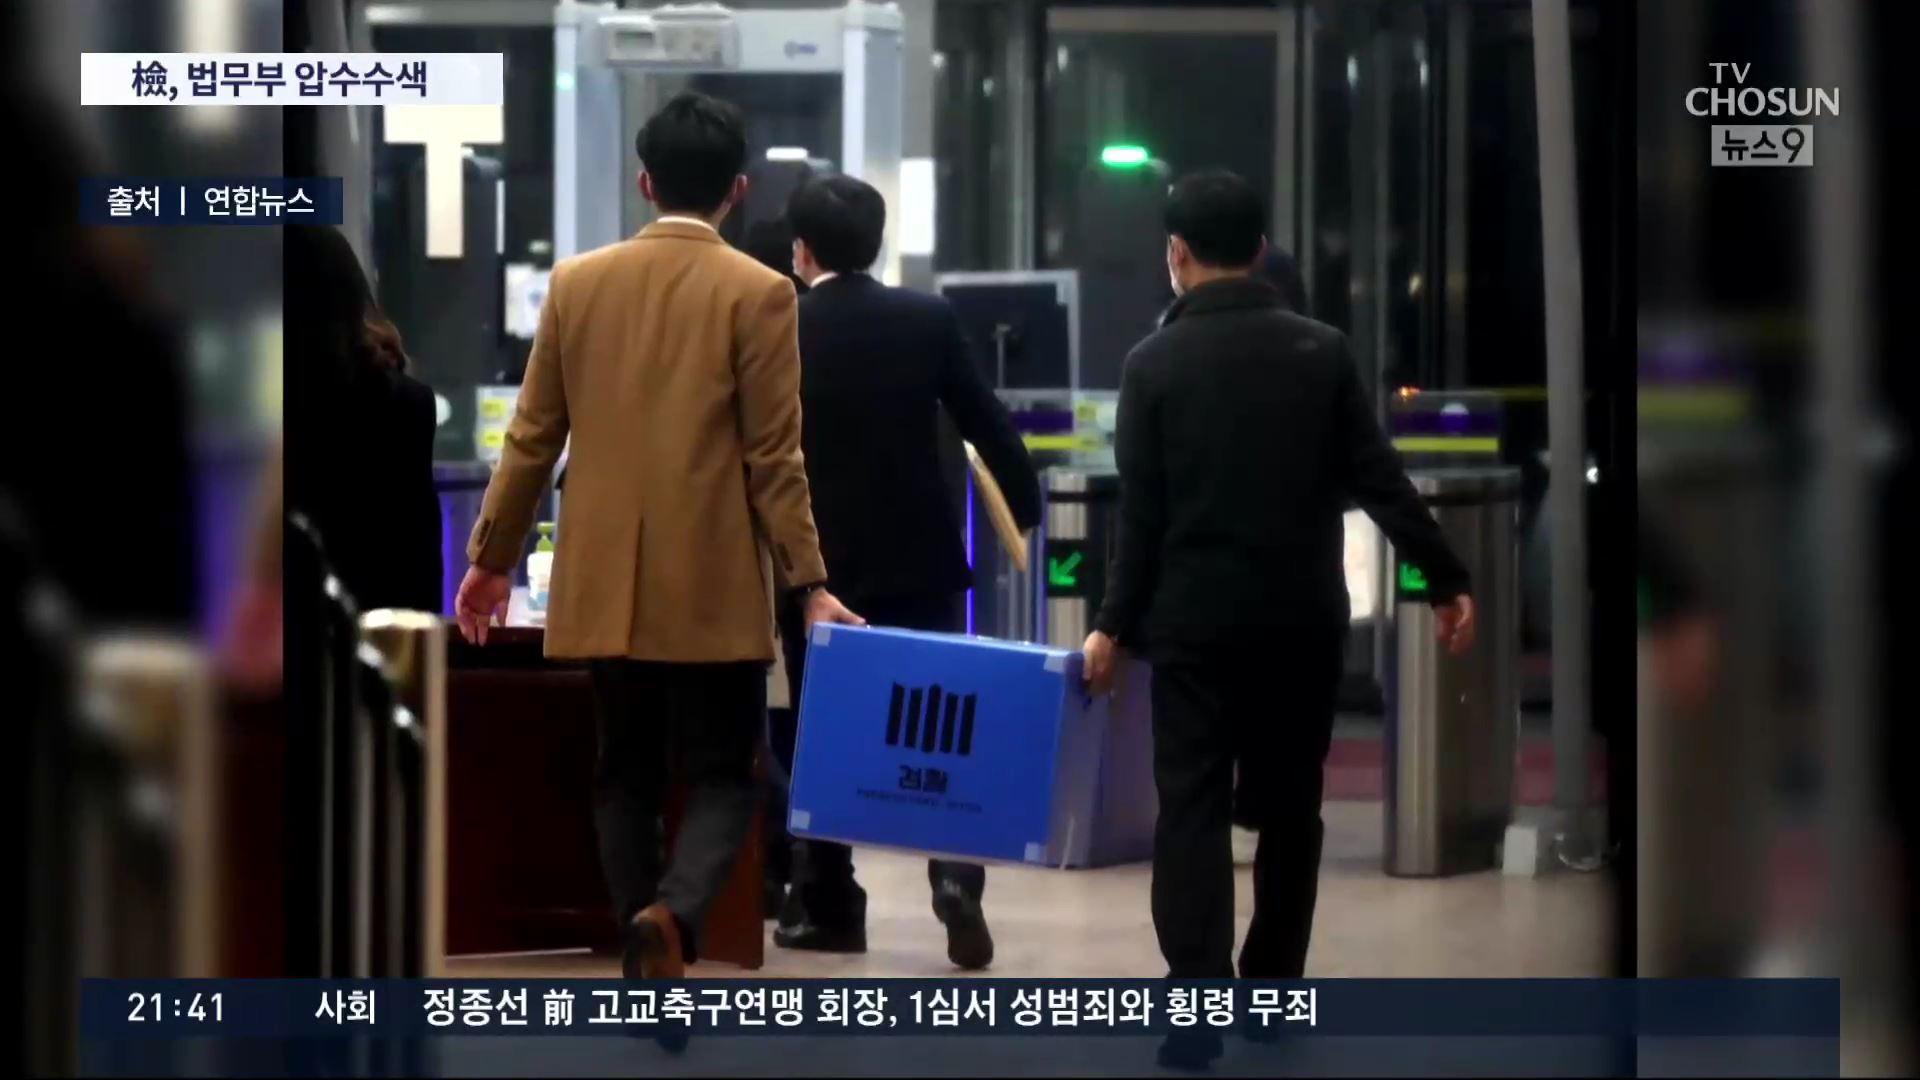 檢, 법무부 등 압수수색…'김학의 불법 출금 의혹' 수사 속도